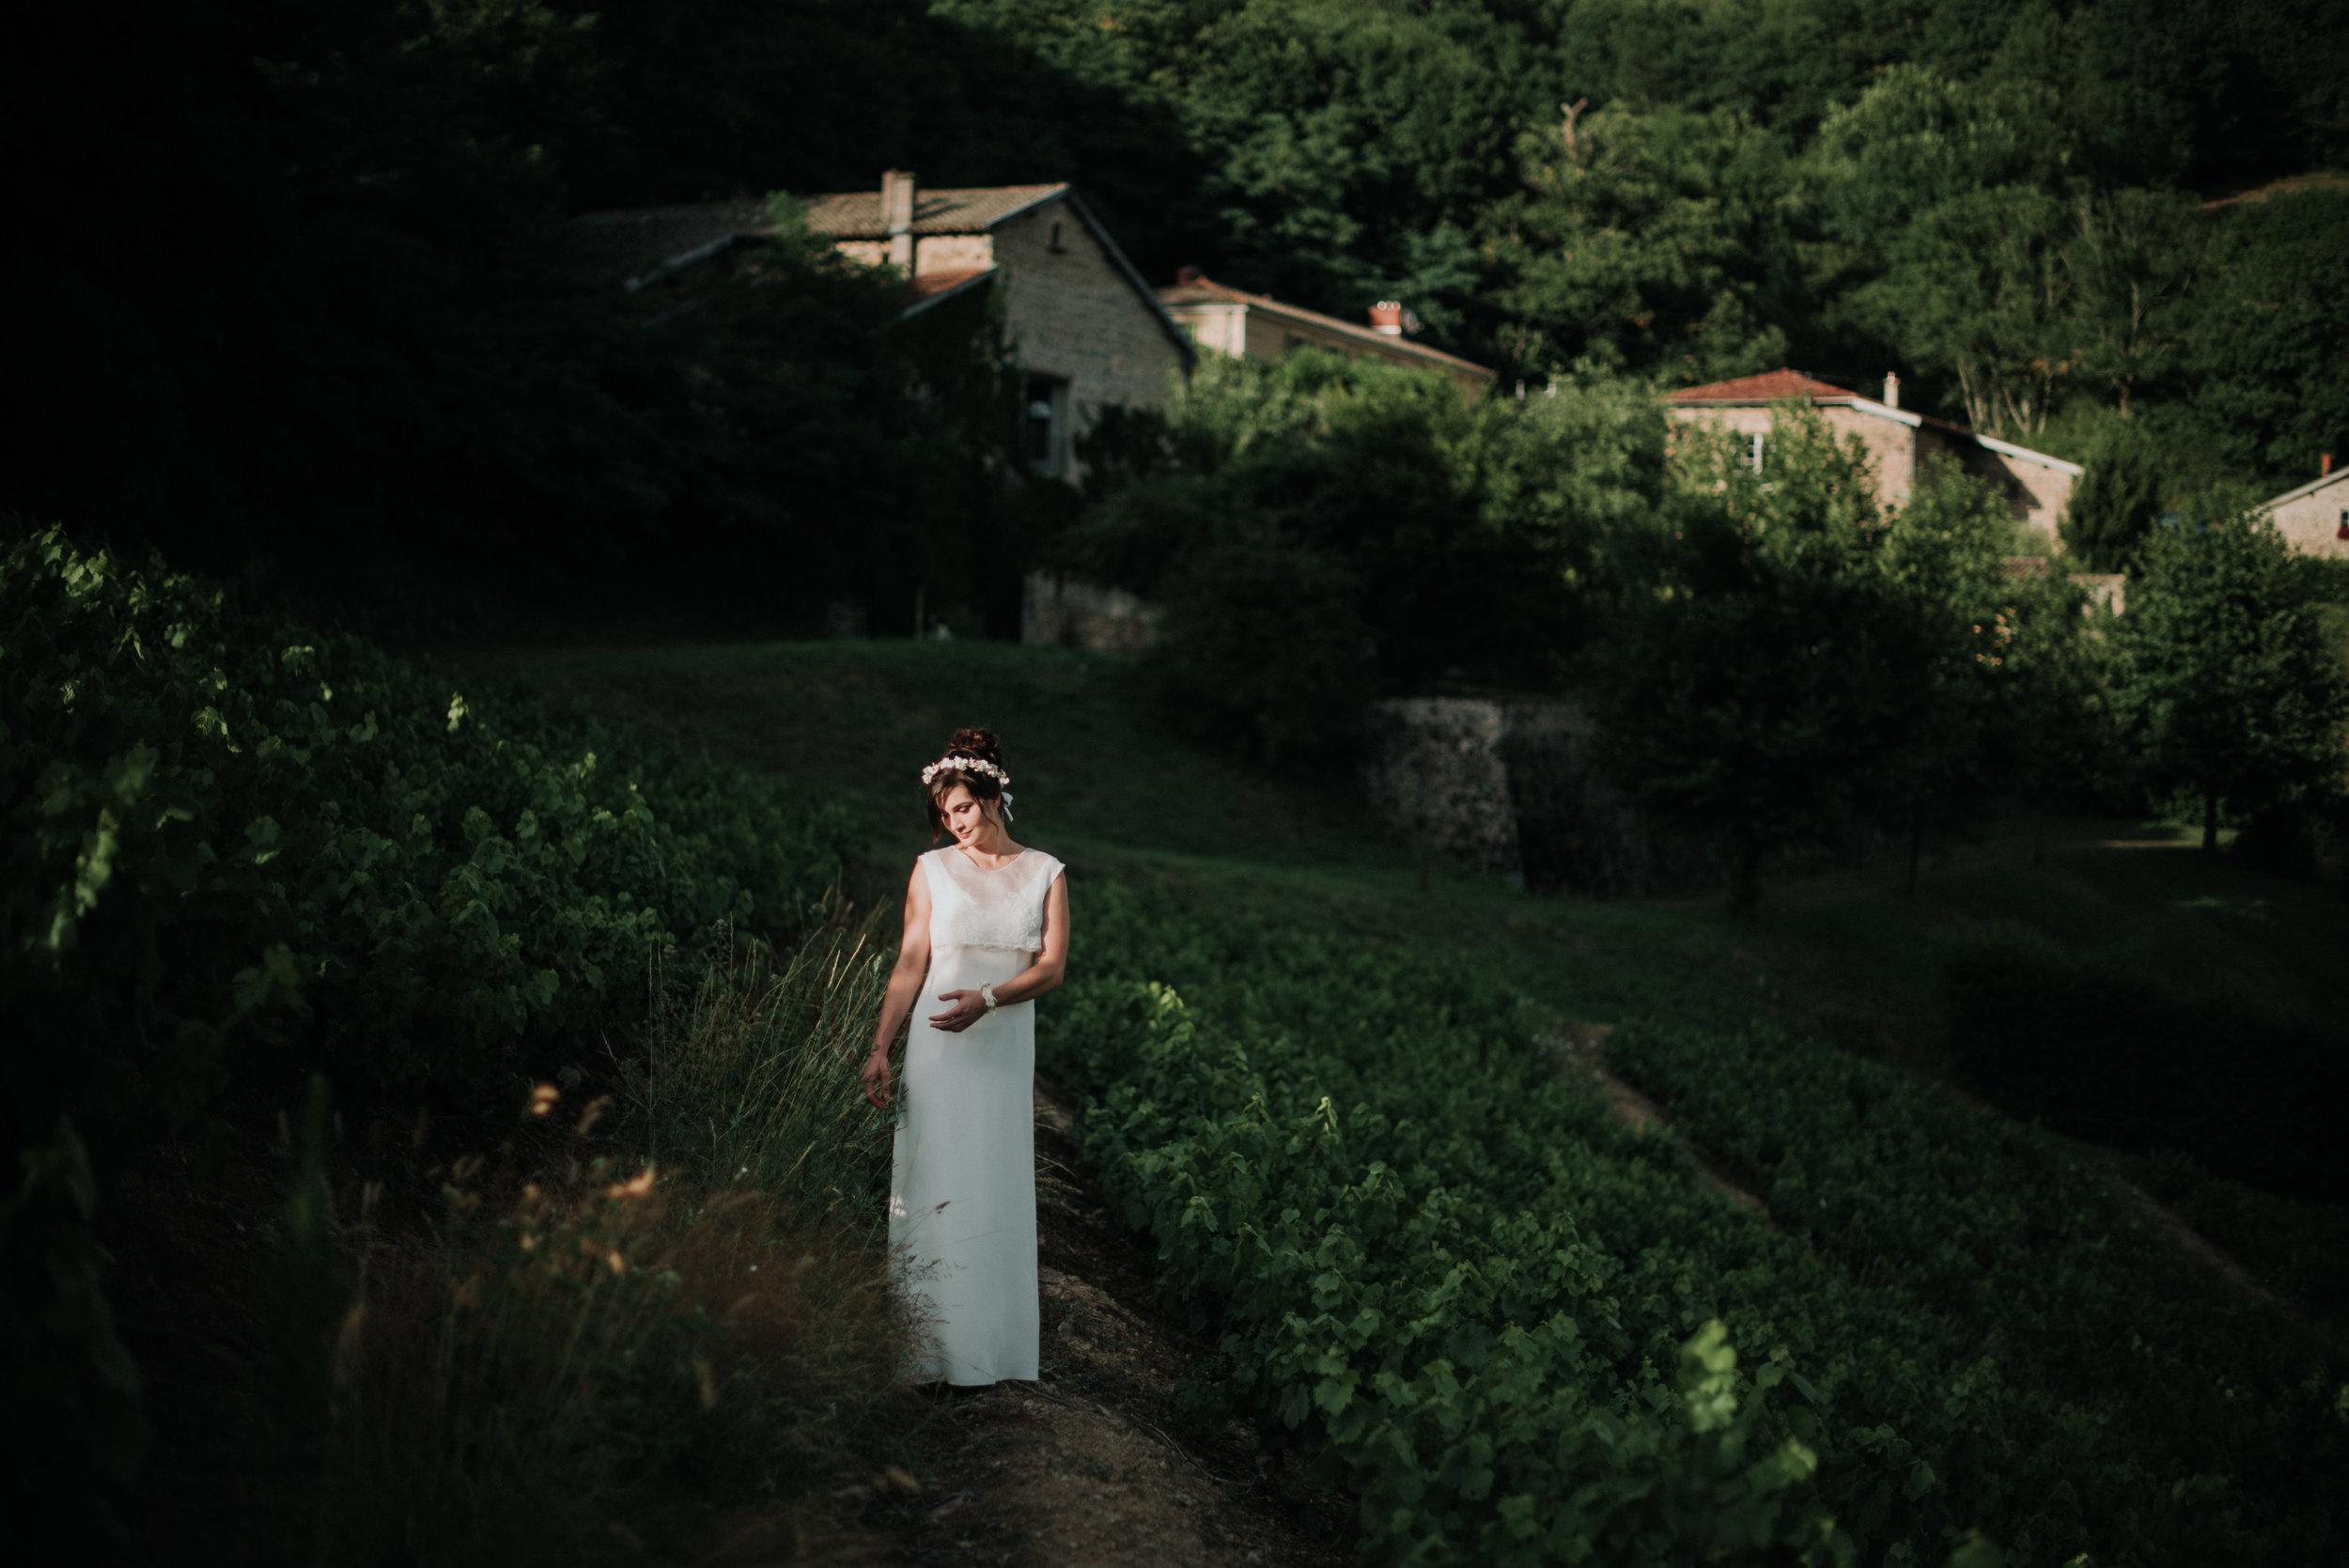 Léa-Fery-photographe-professionnel-lyon-rhone-alpes-portrait-creation-mariage-evenement-evenementiel-famille-9454.jpg